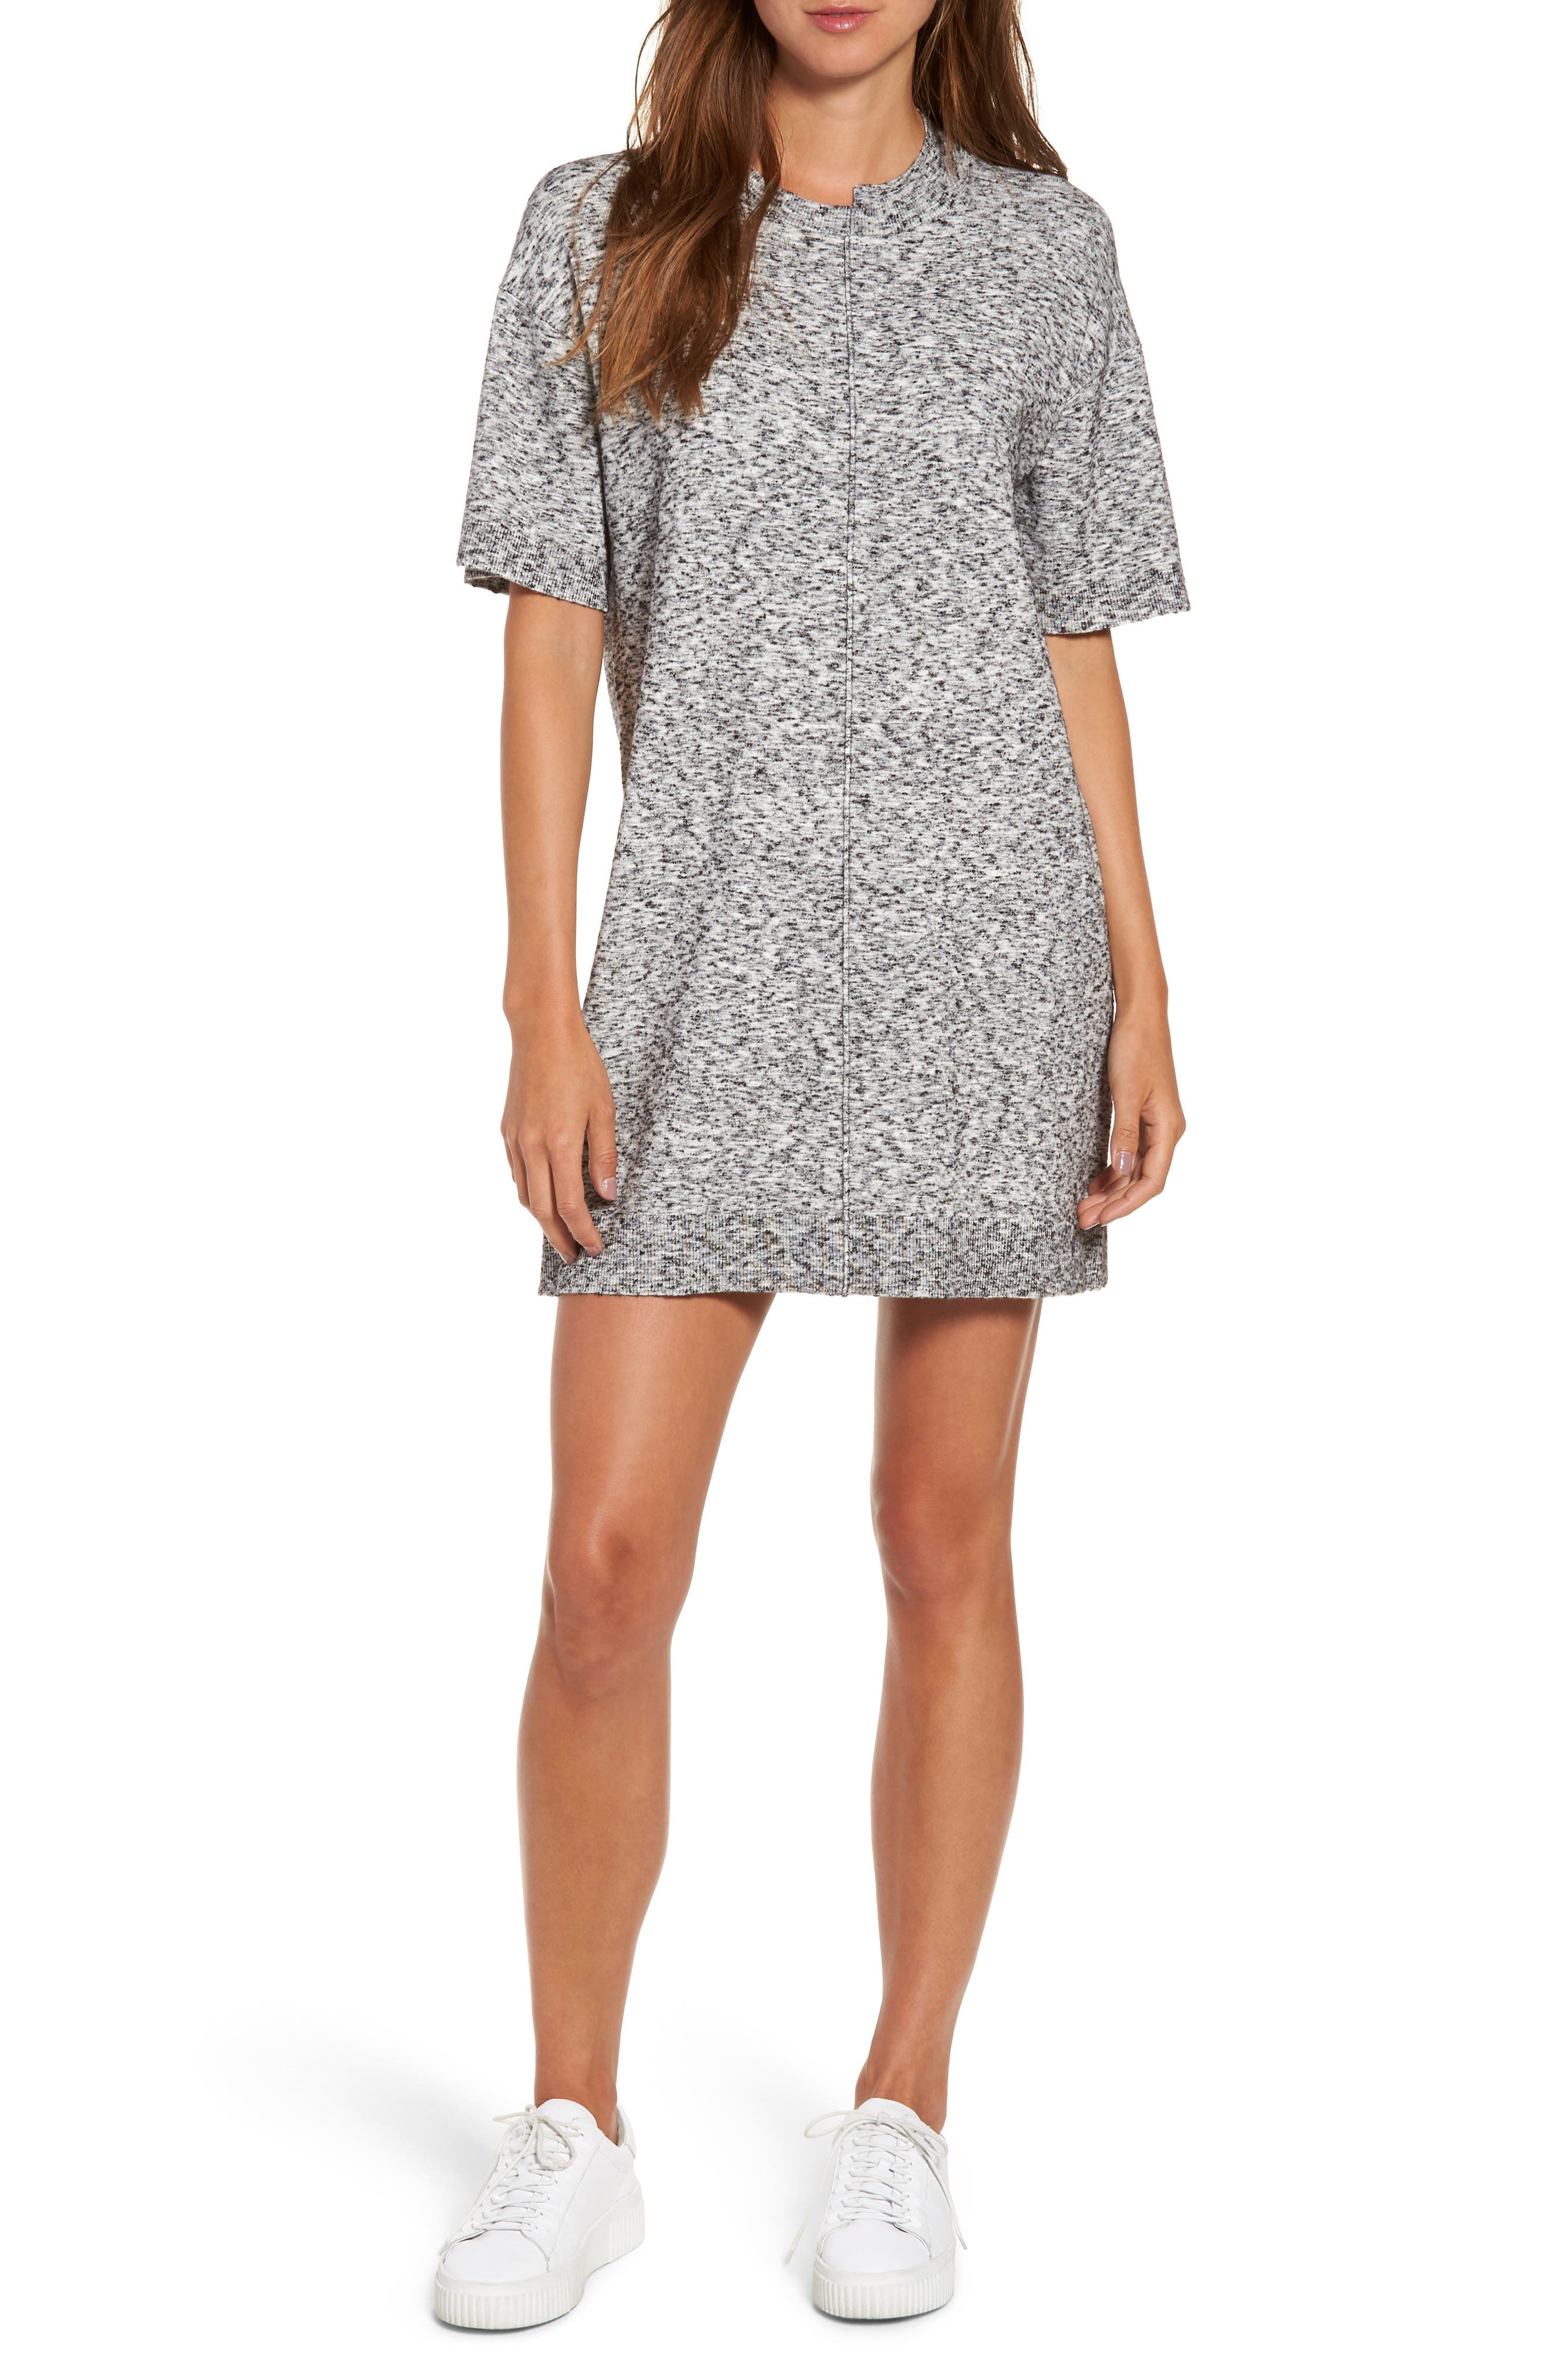 Main Image - KENDALL + KYLIE Asymmetrical T-Shirt Dress